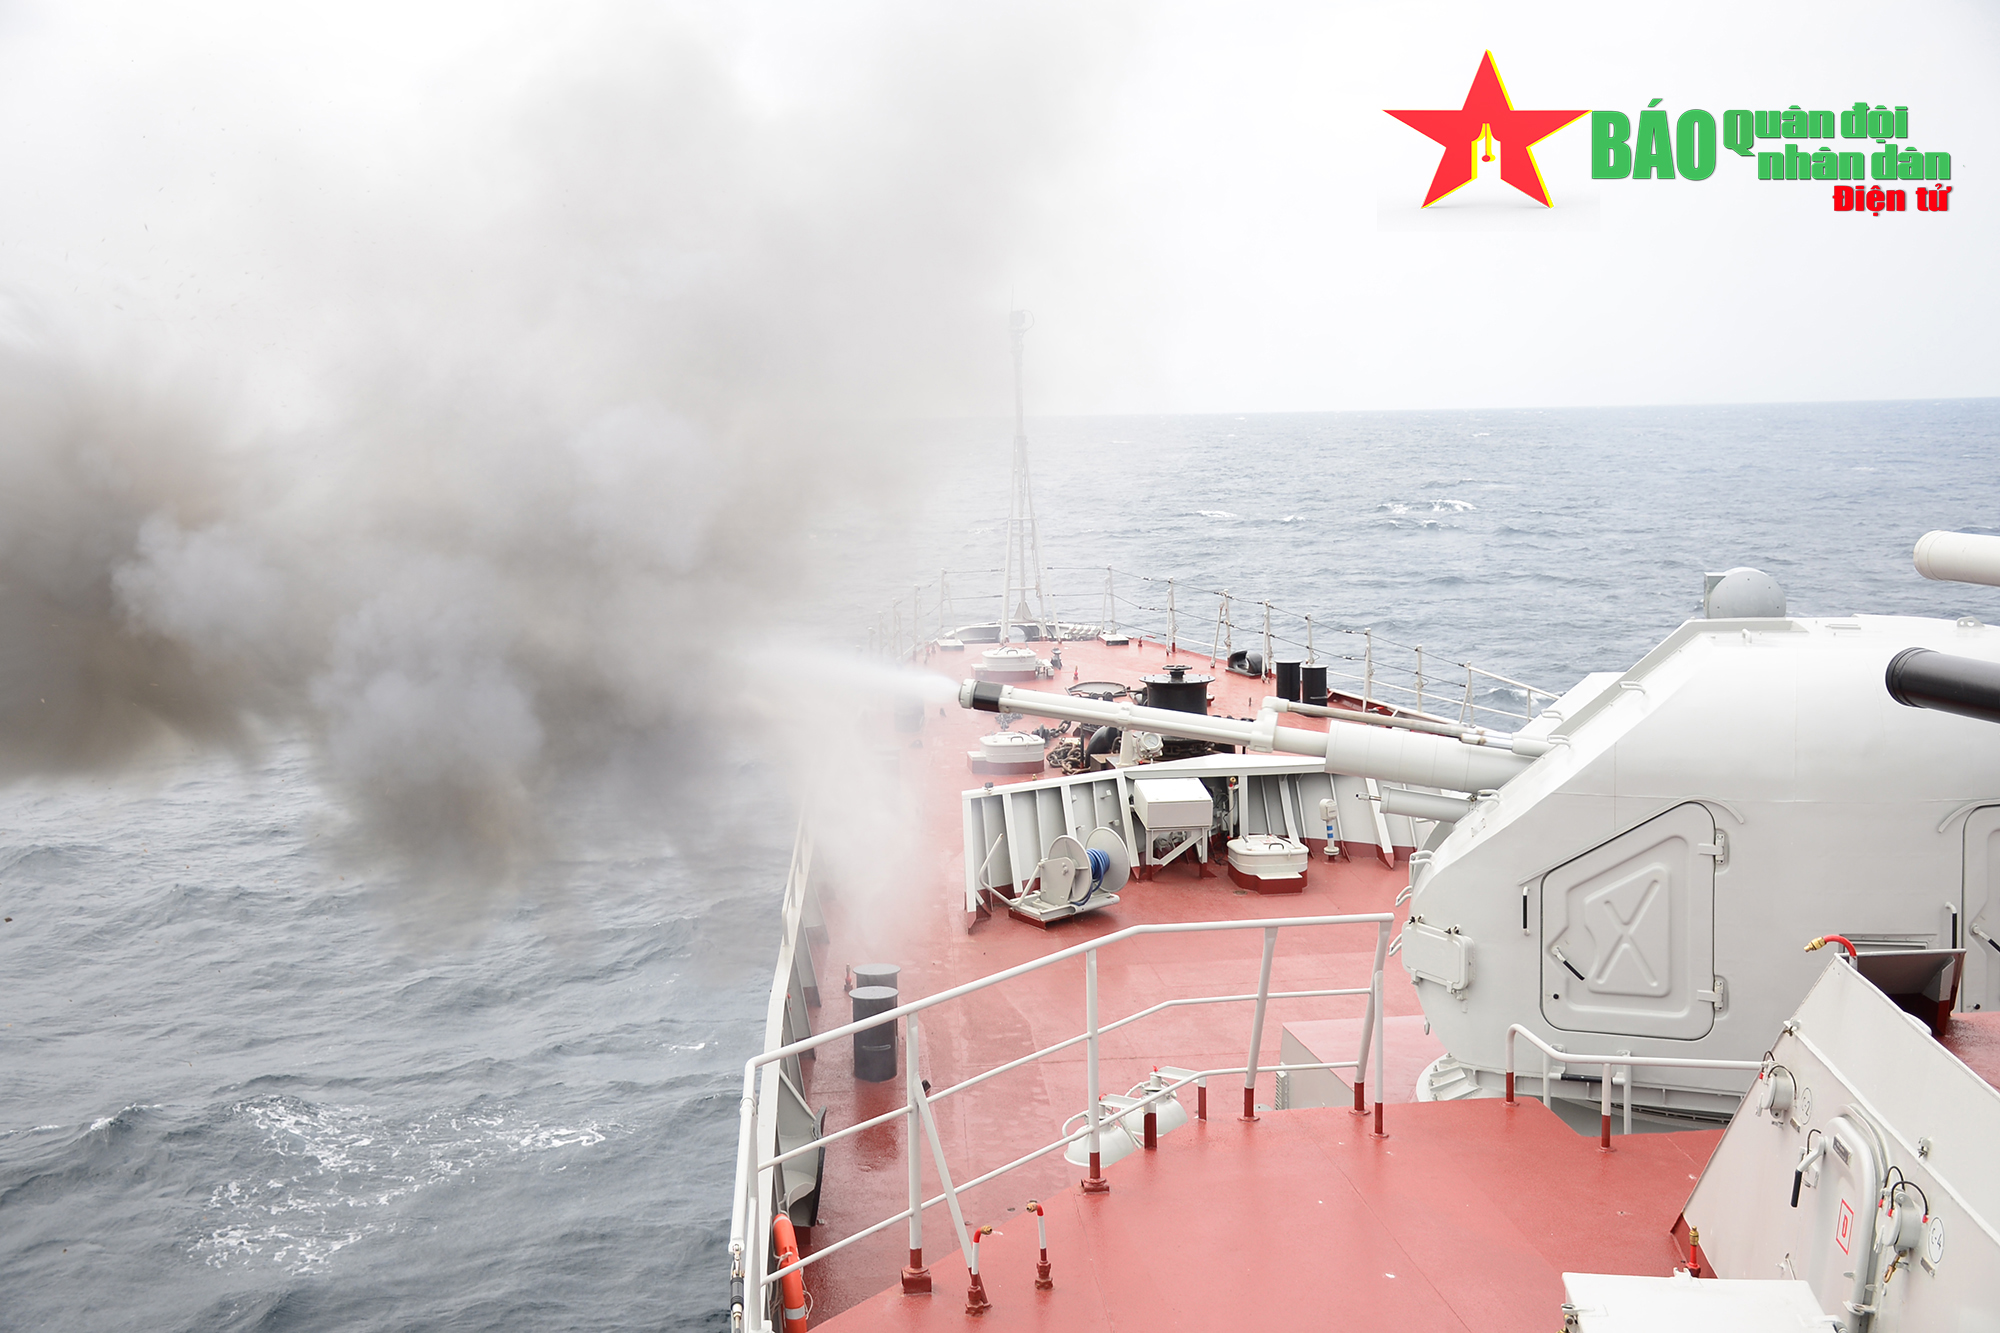 Pháo thủ Hải quân khai hỏa trên sóng dữ